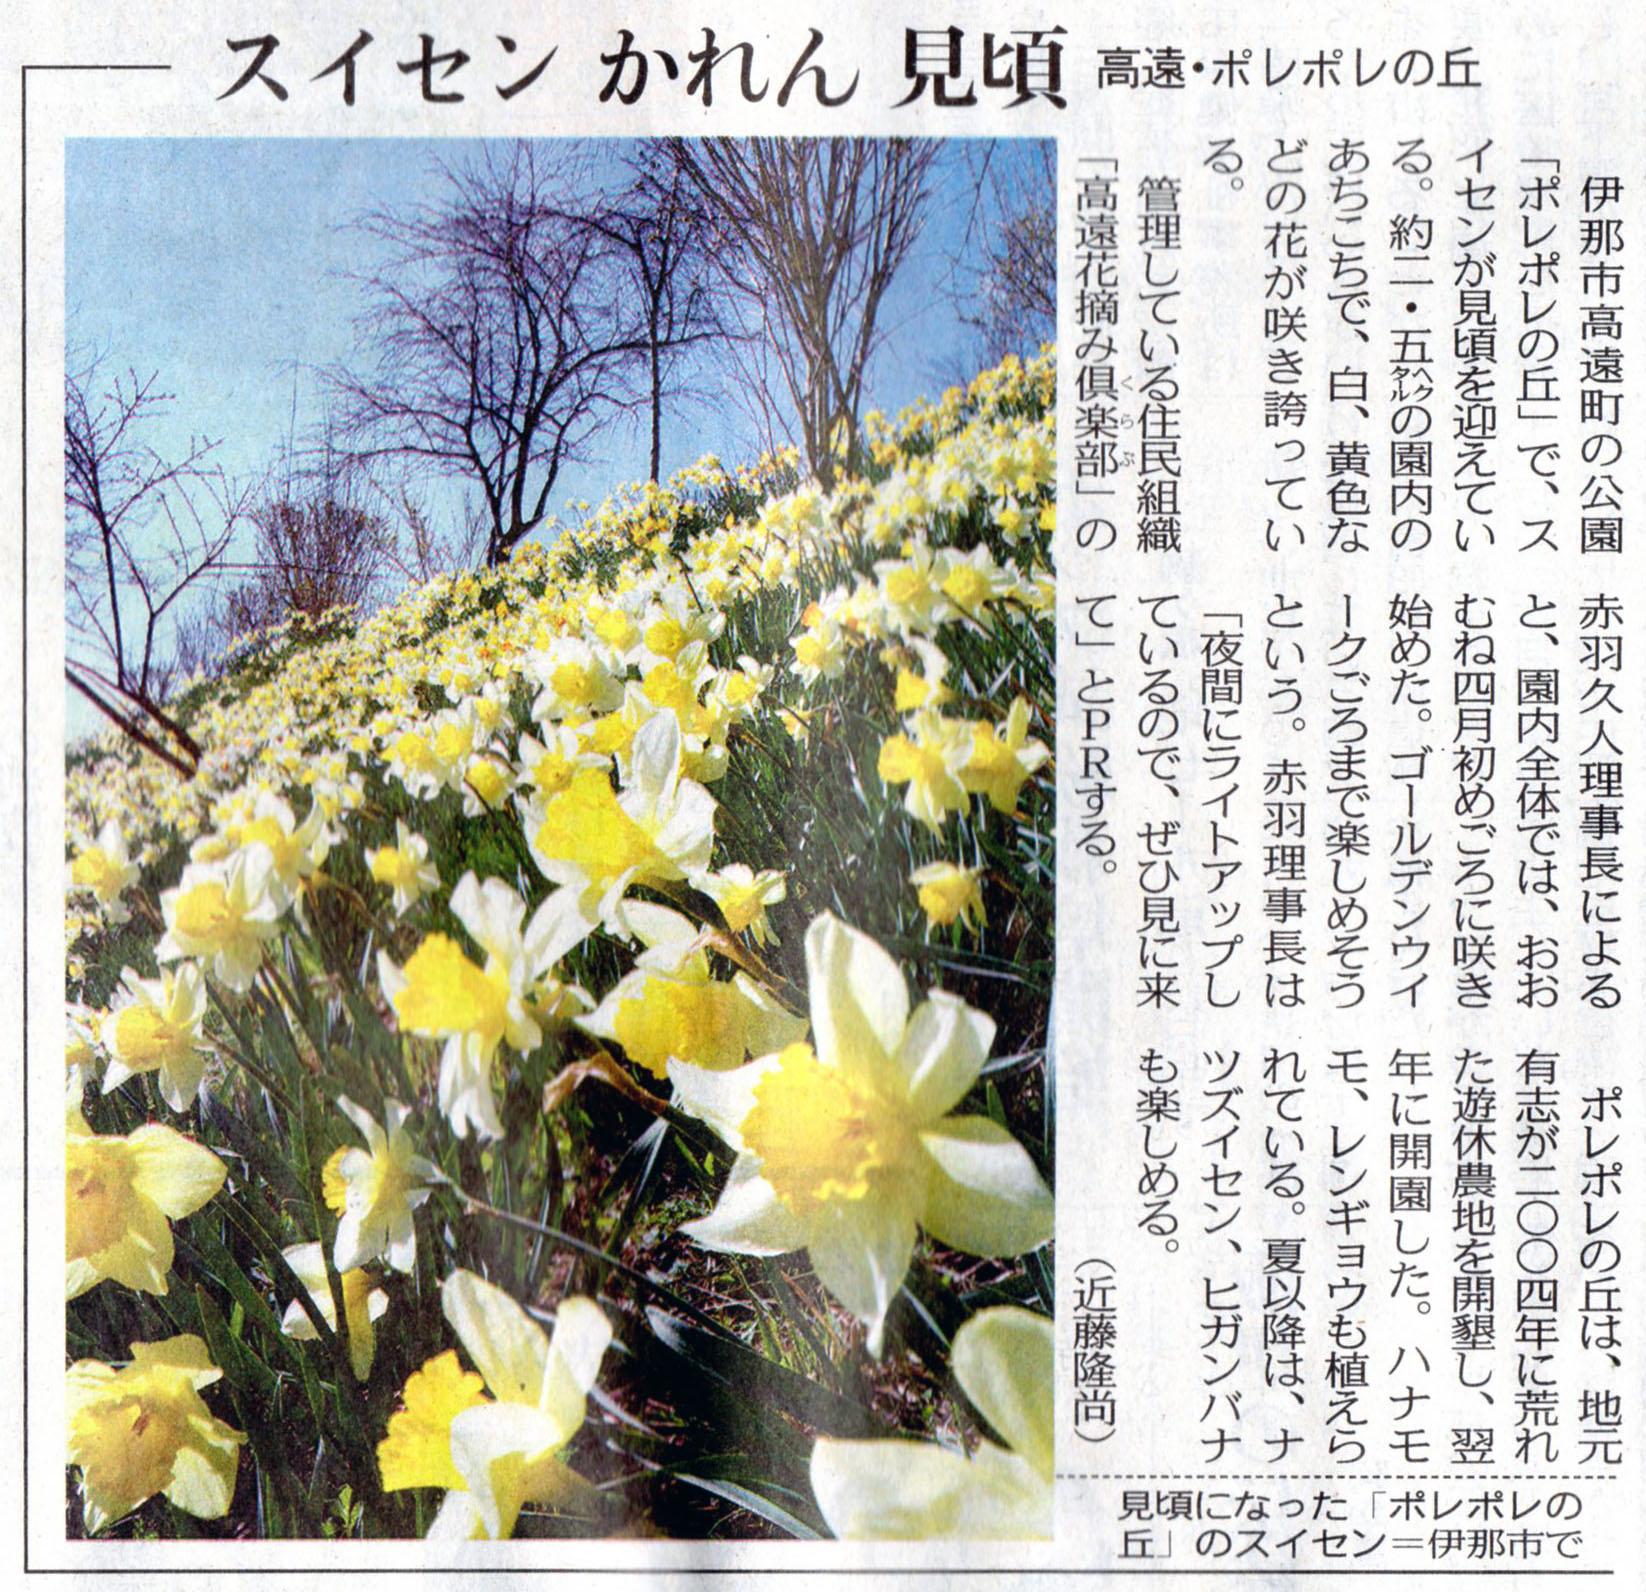 中日新聞 2017年4月14日掲載